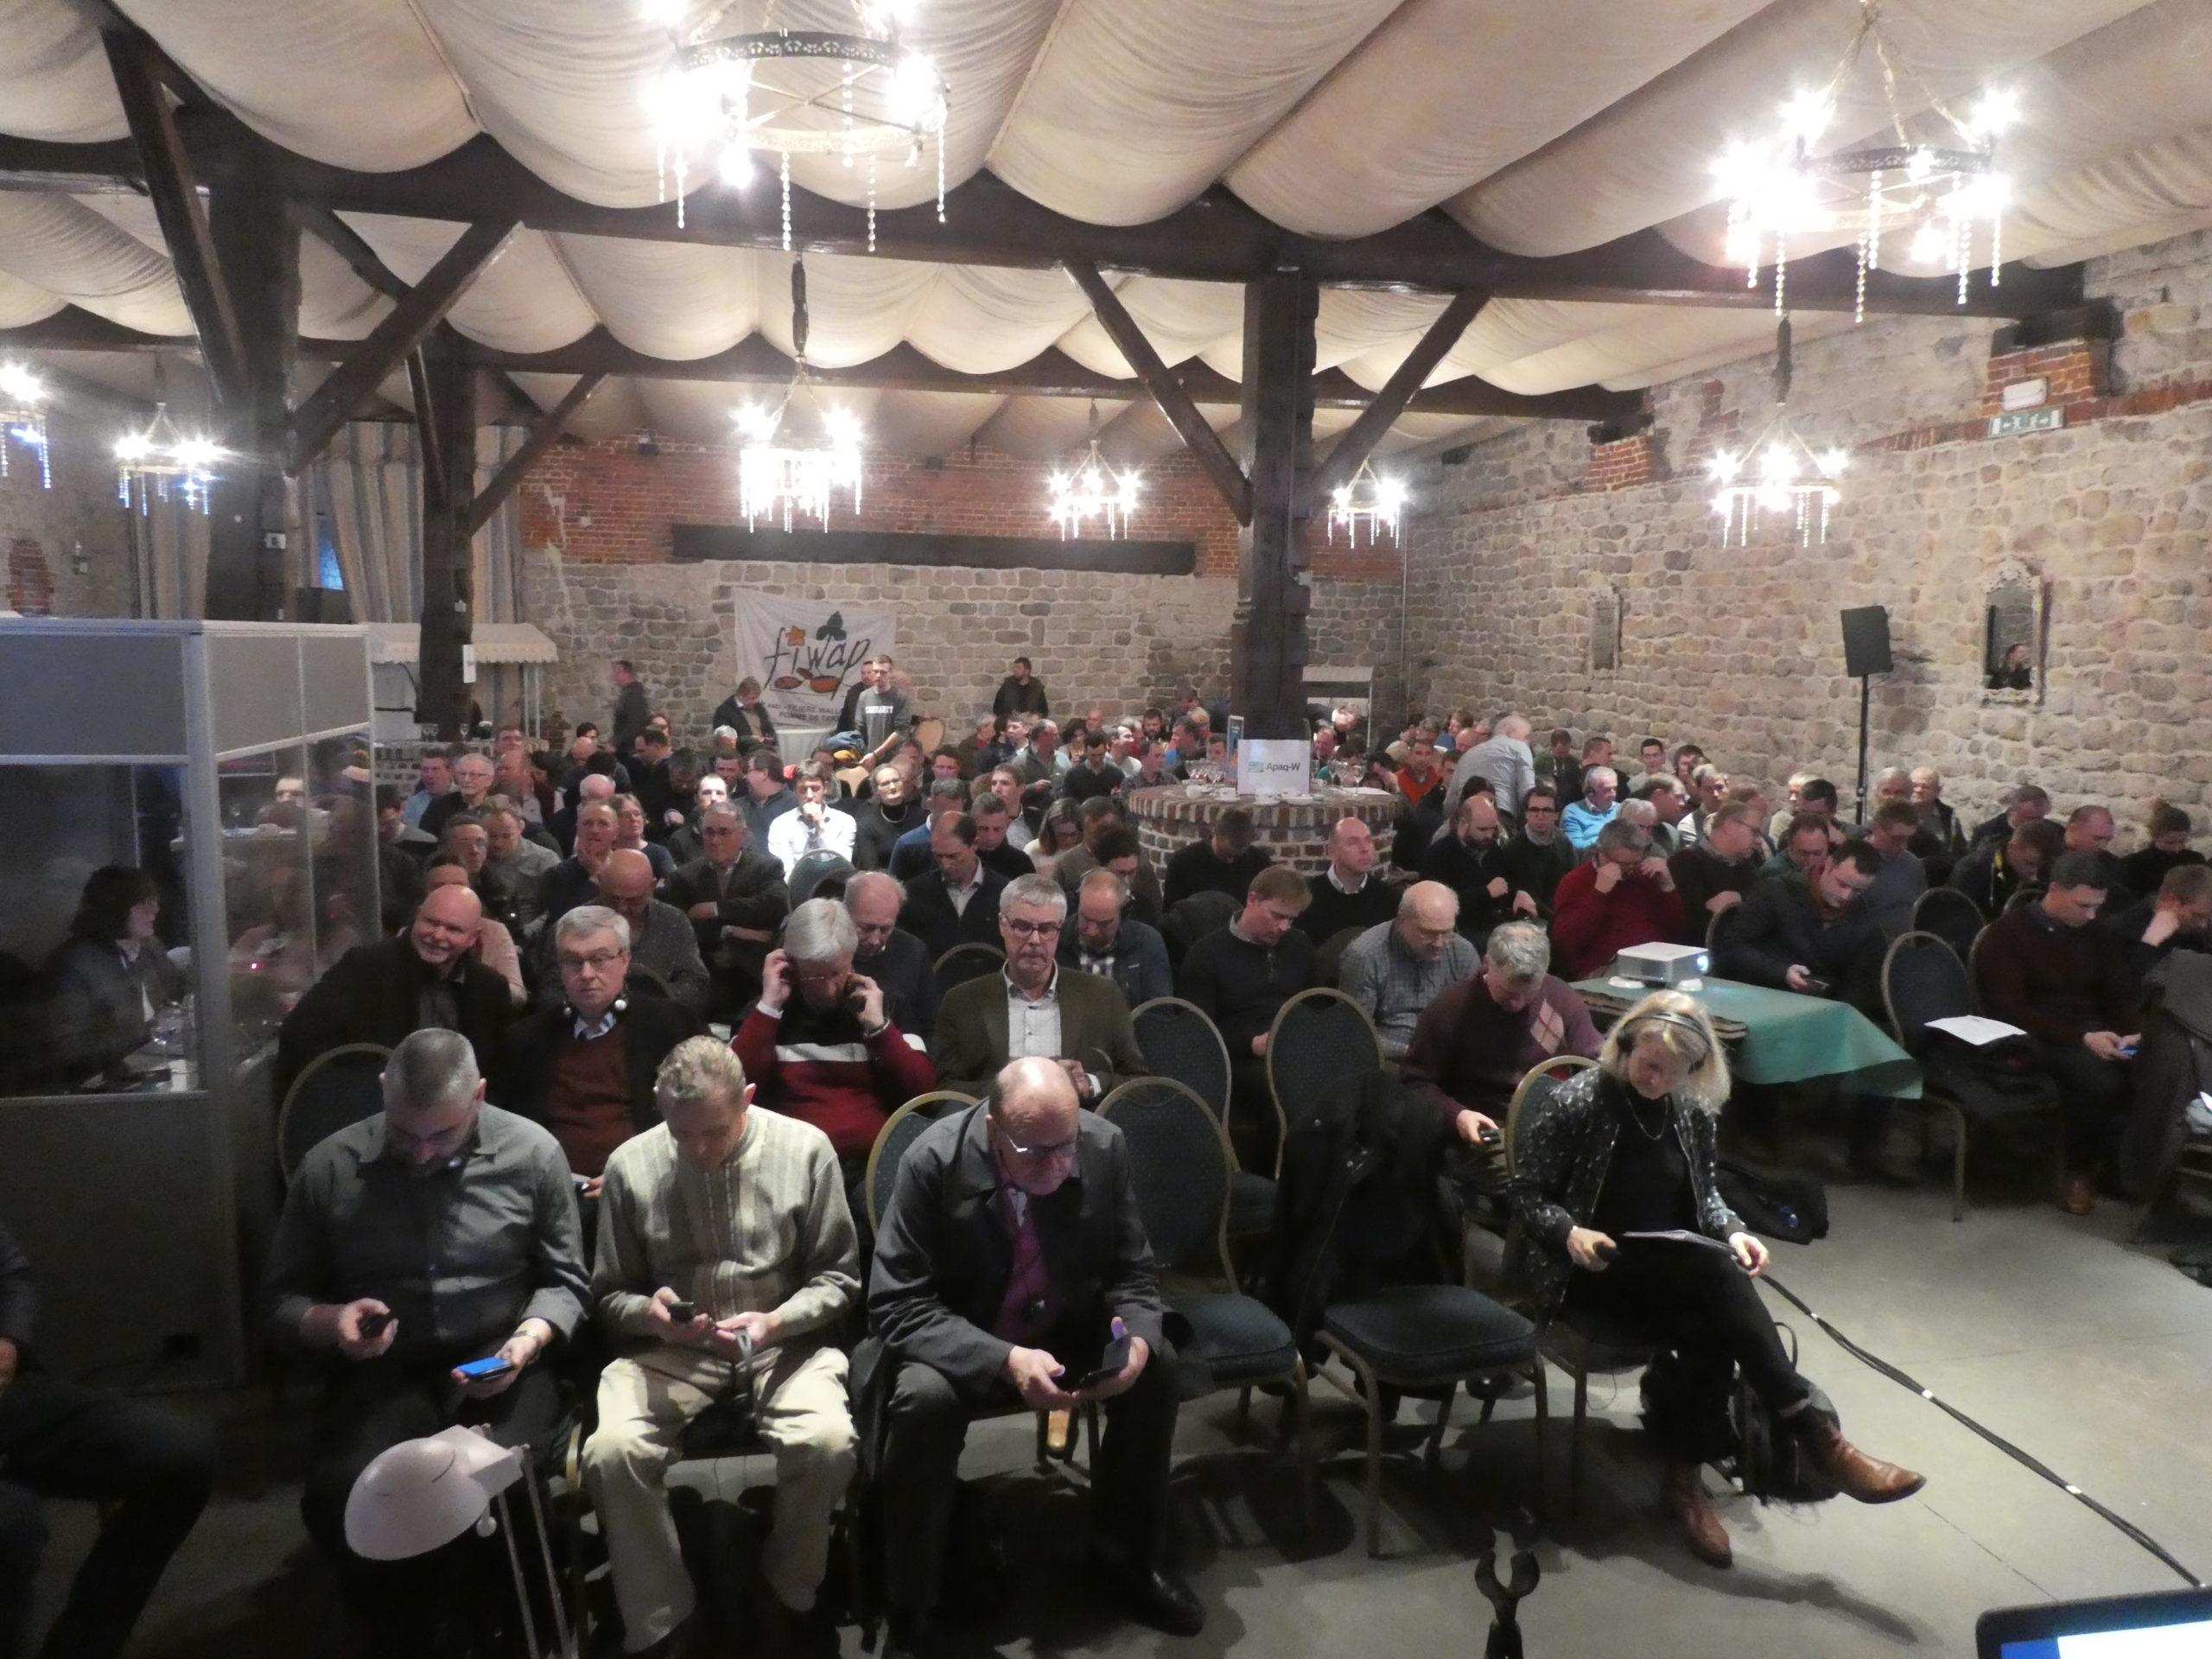 27ème Assemblée générale Fiwap le 02 mars dernier à Thines-lez-Nivelles